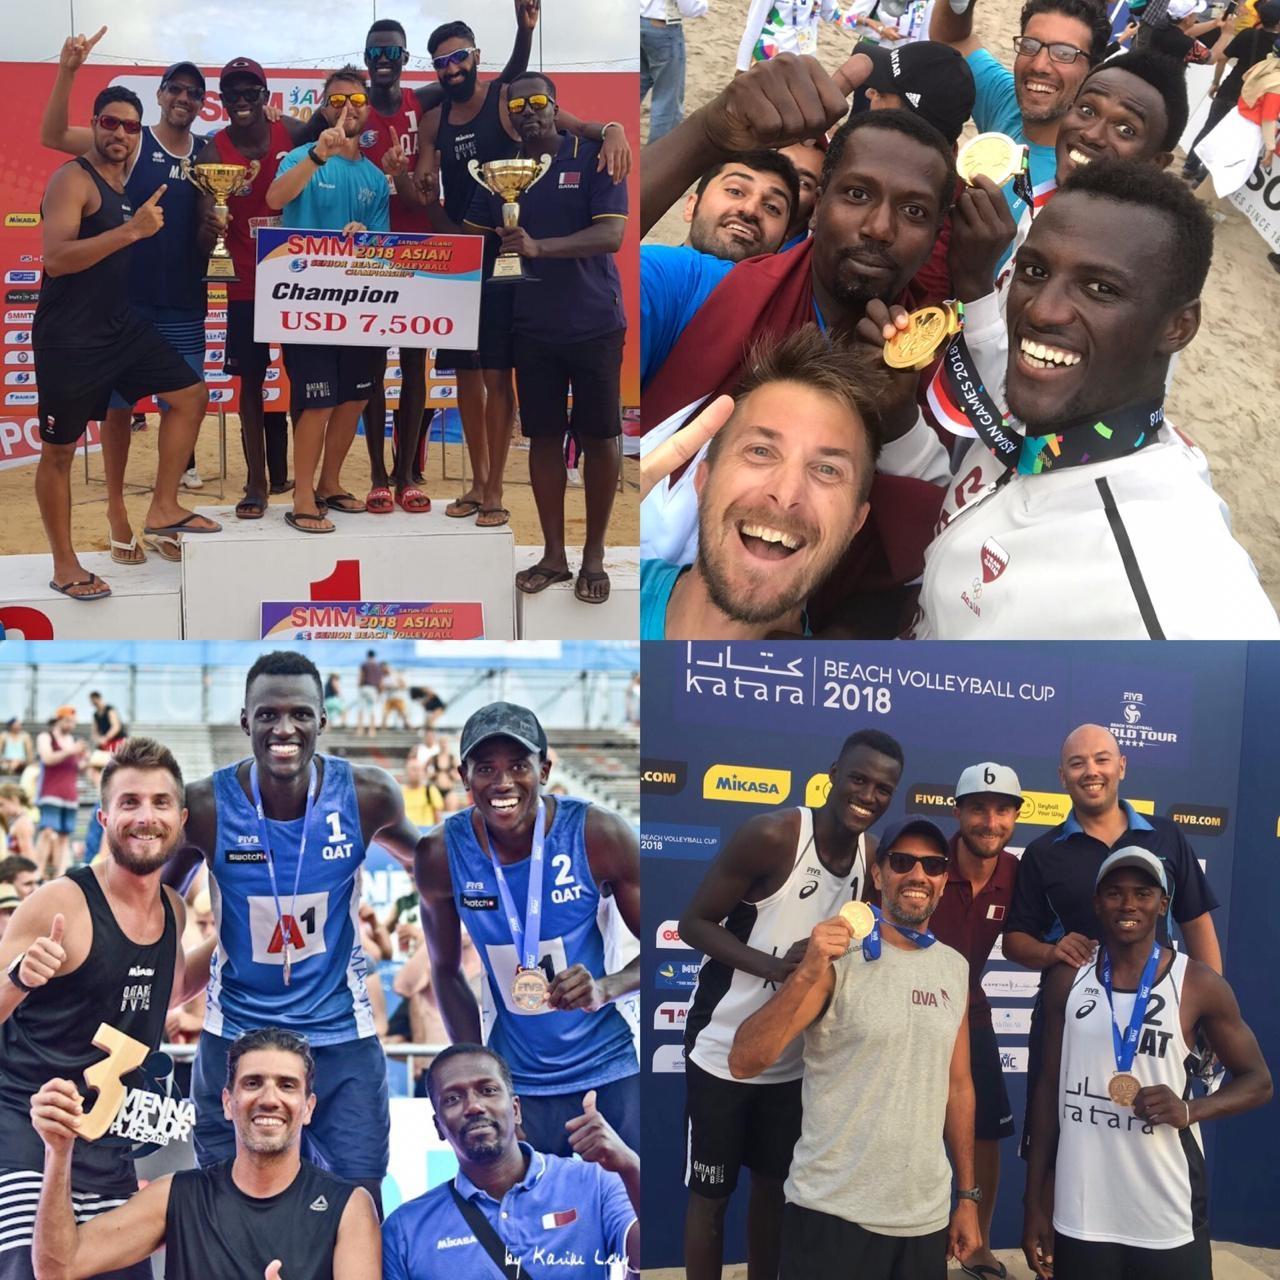 Hicieron entrar al beach volley en la historia deportiva de Qatar